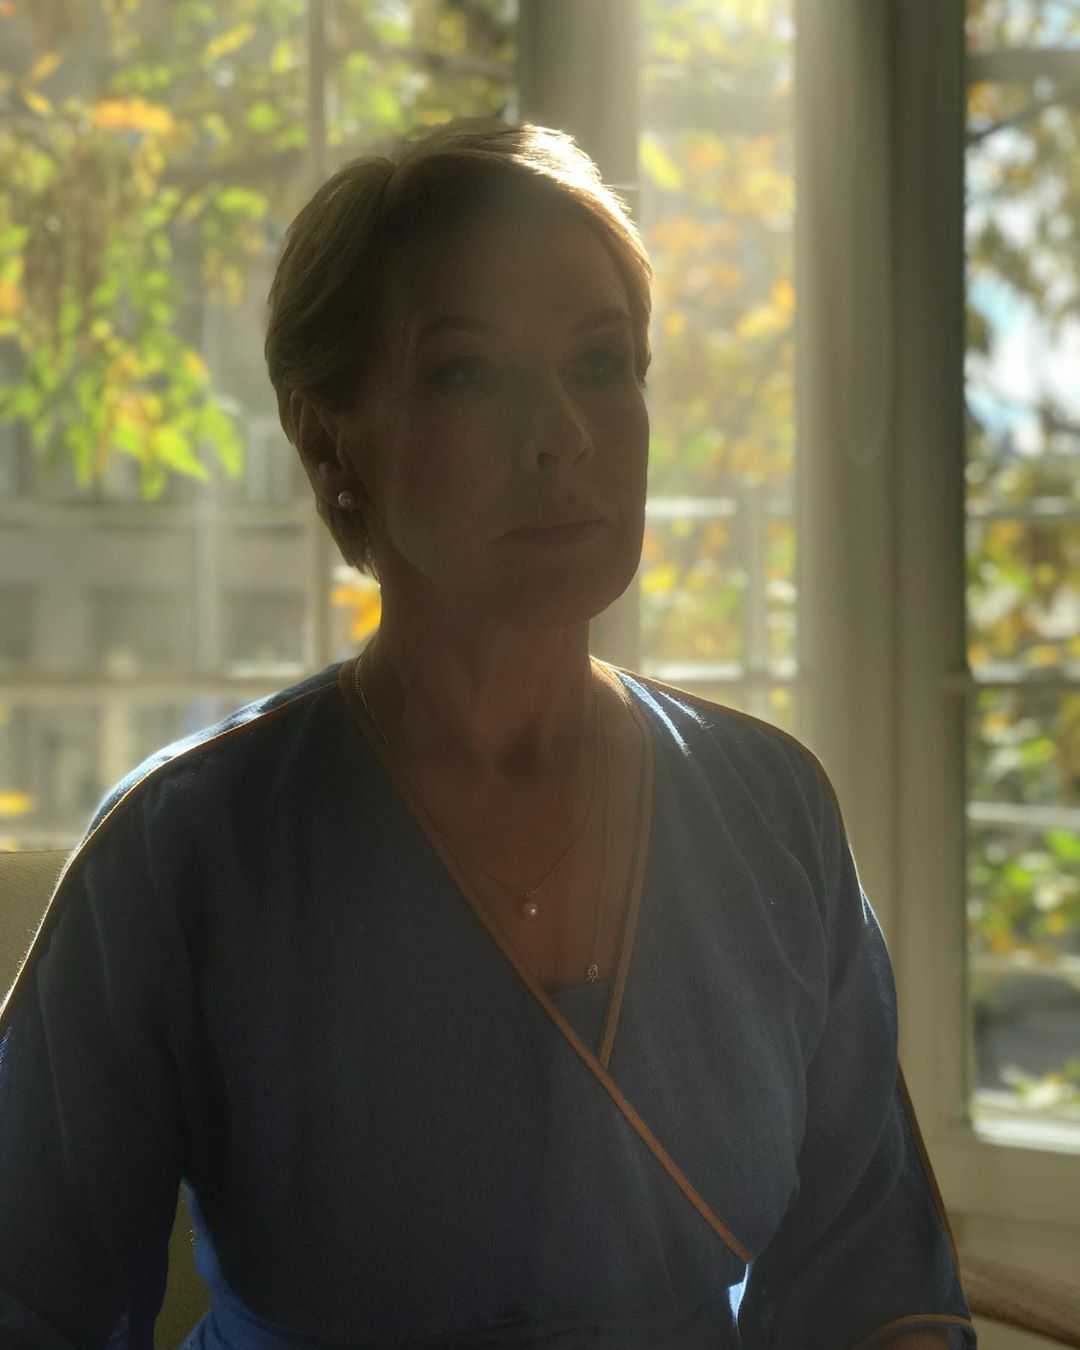 Екатерина Шпица: Это фото я сделала незаметно для мамы во время съёмки ролика для @kaneboofficial. Она была вся погружена в процесс! И так прекрасно справлялась, хотя для неё это всё было впервые! Я,наверно, никогда не ощущала так остро, сколько во мне от мамы с т...